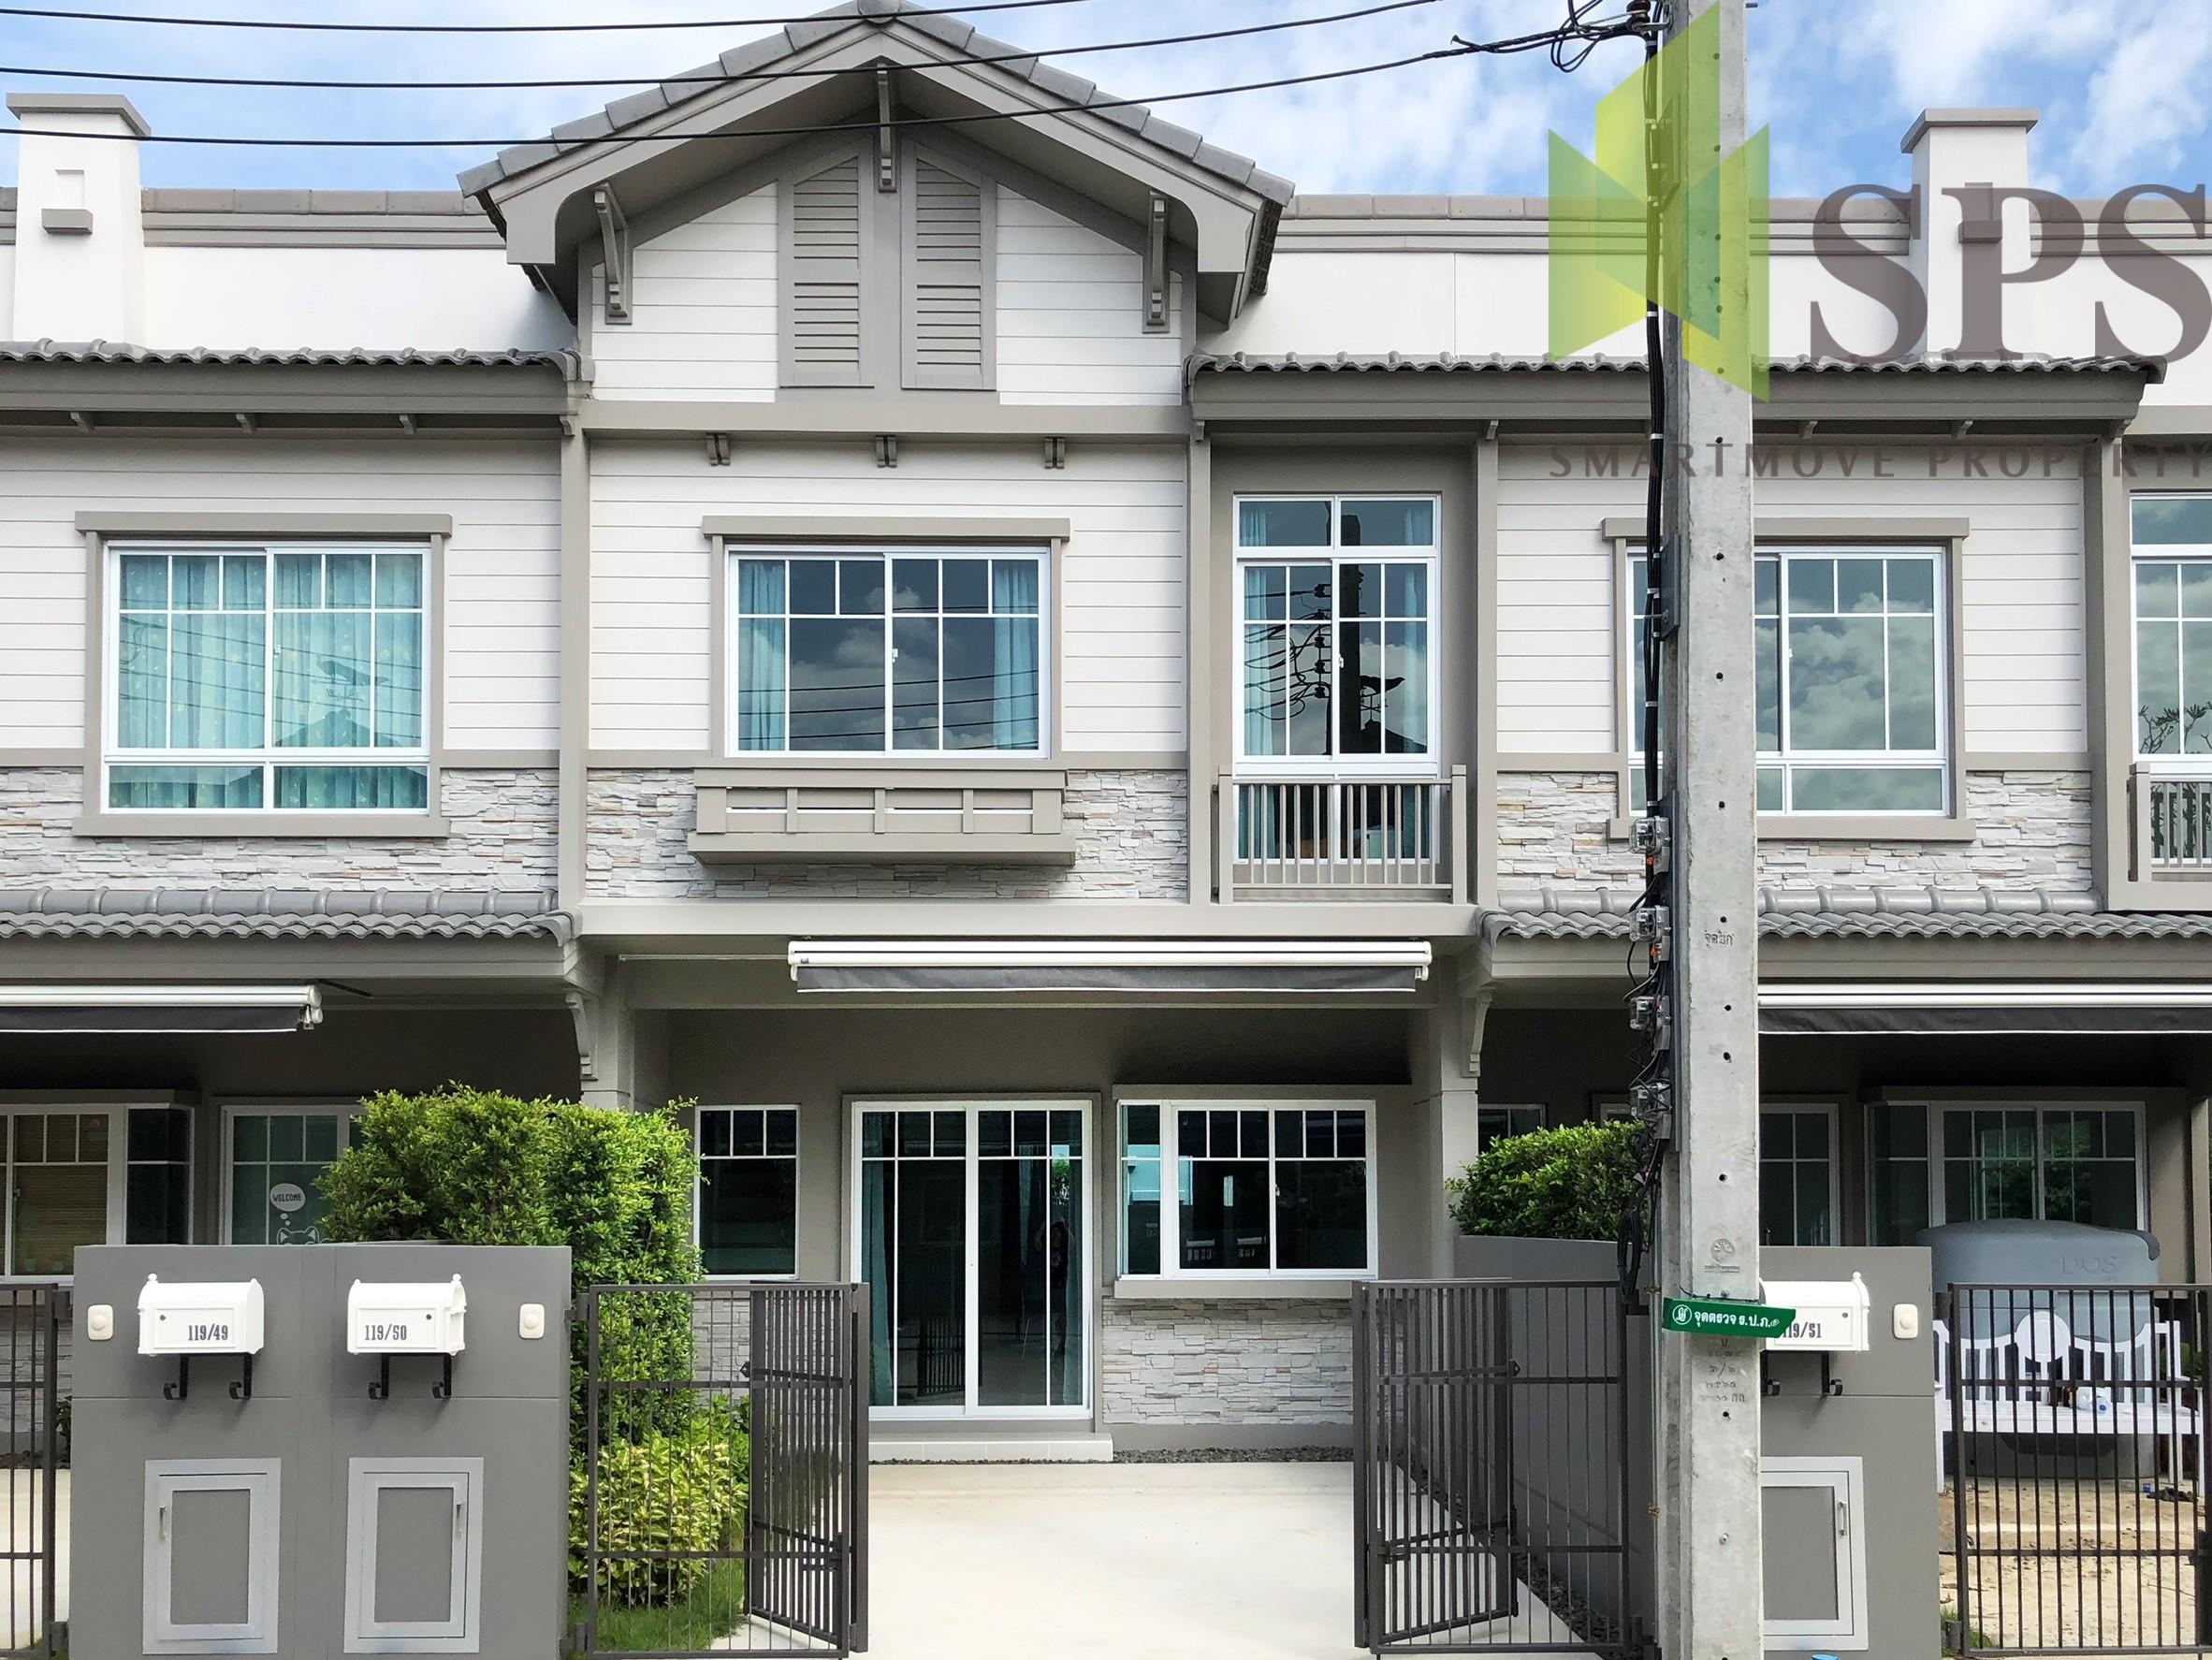 For Rent ให้เช่าทาวน์เฮาส์ หมู่บ้านอินดี้3 บางนา กม.7 (Property ID: SPS-PA215)